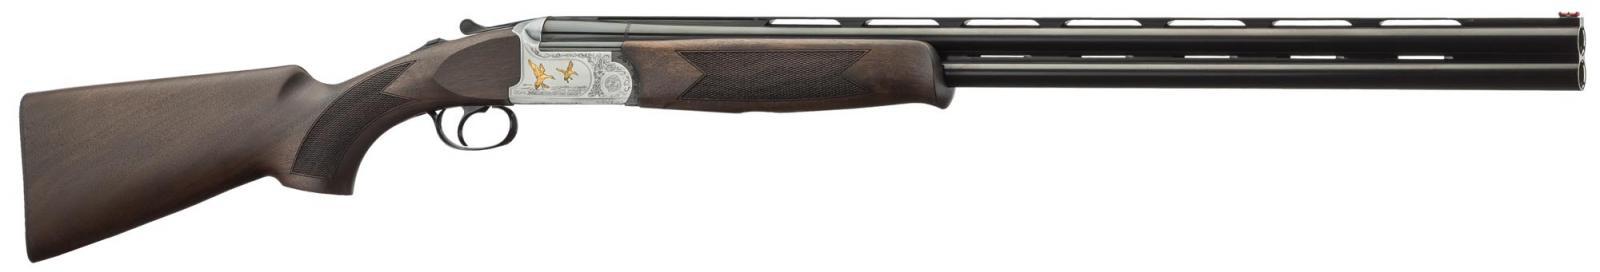 Fusil superposé FAIR Premier Gabion Cal. 12/76